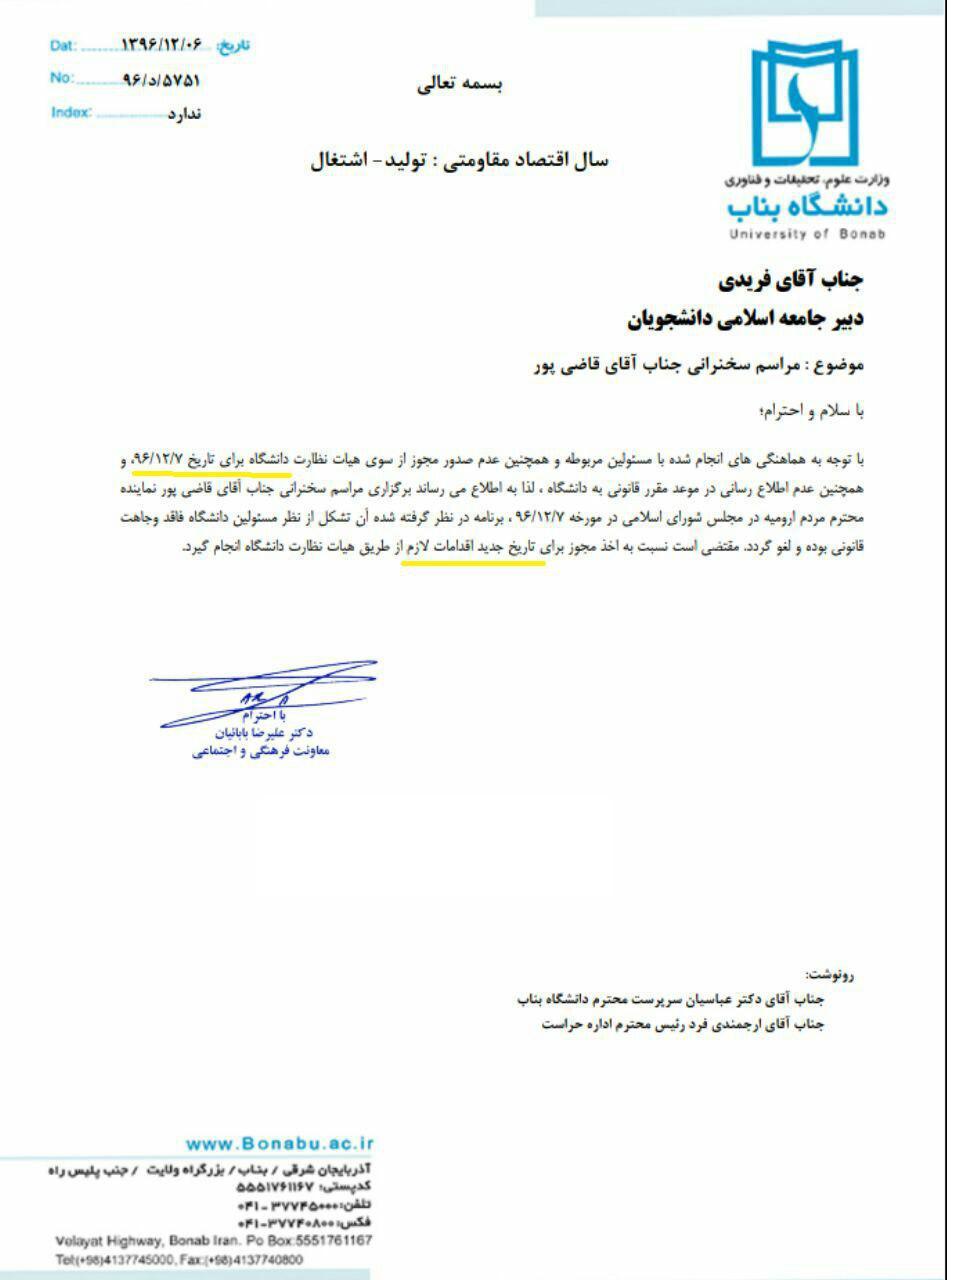 باوجود نداشتن مجوز با سخنرانی قاضیپور موافت کردیم/ سخنرانی نماینده اروميه به زمان دیگری موکول شده بود